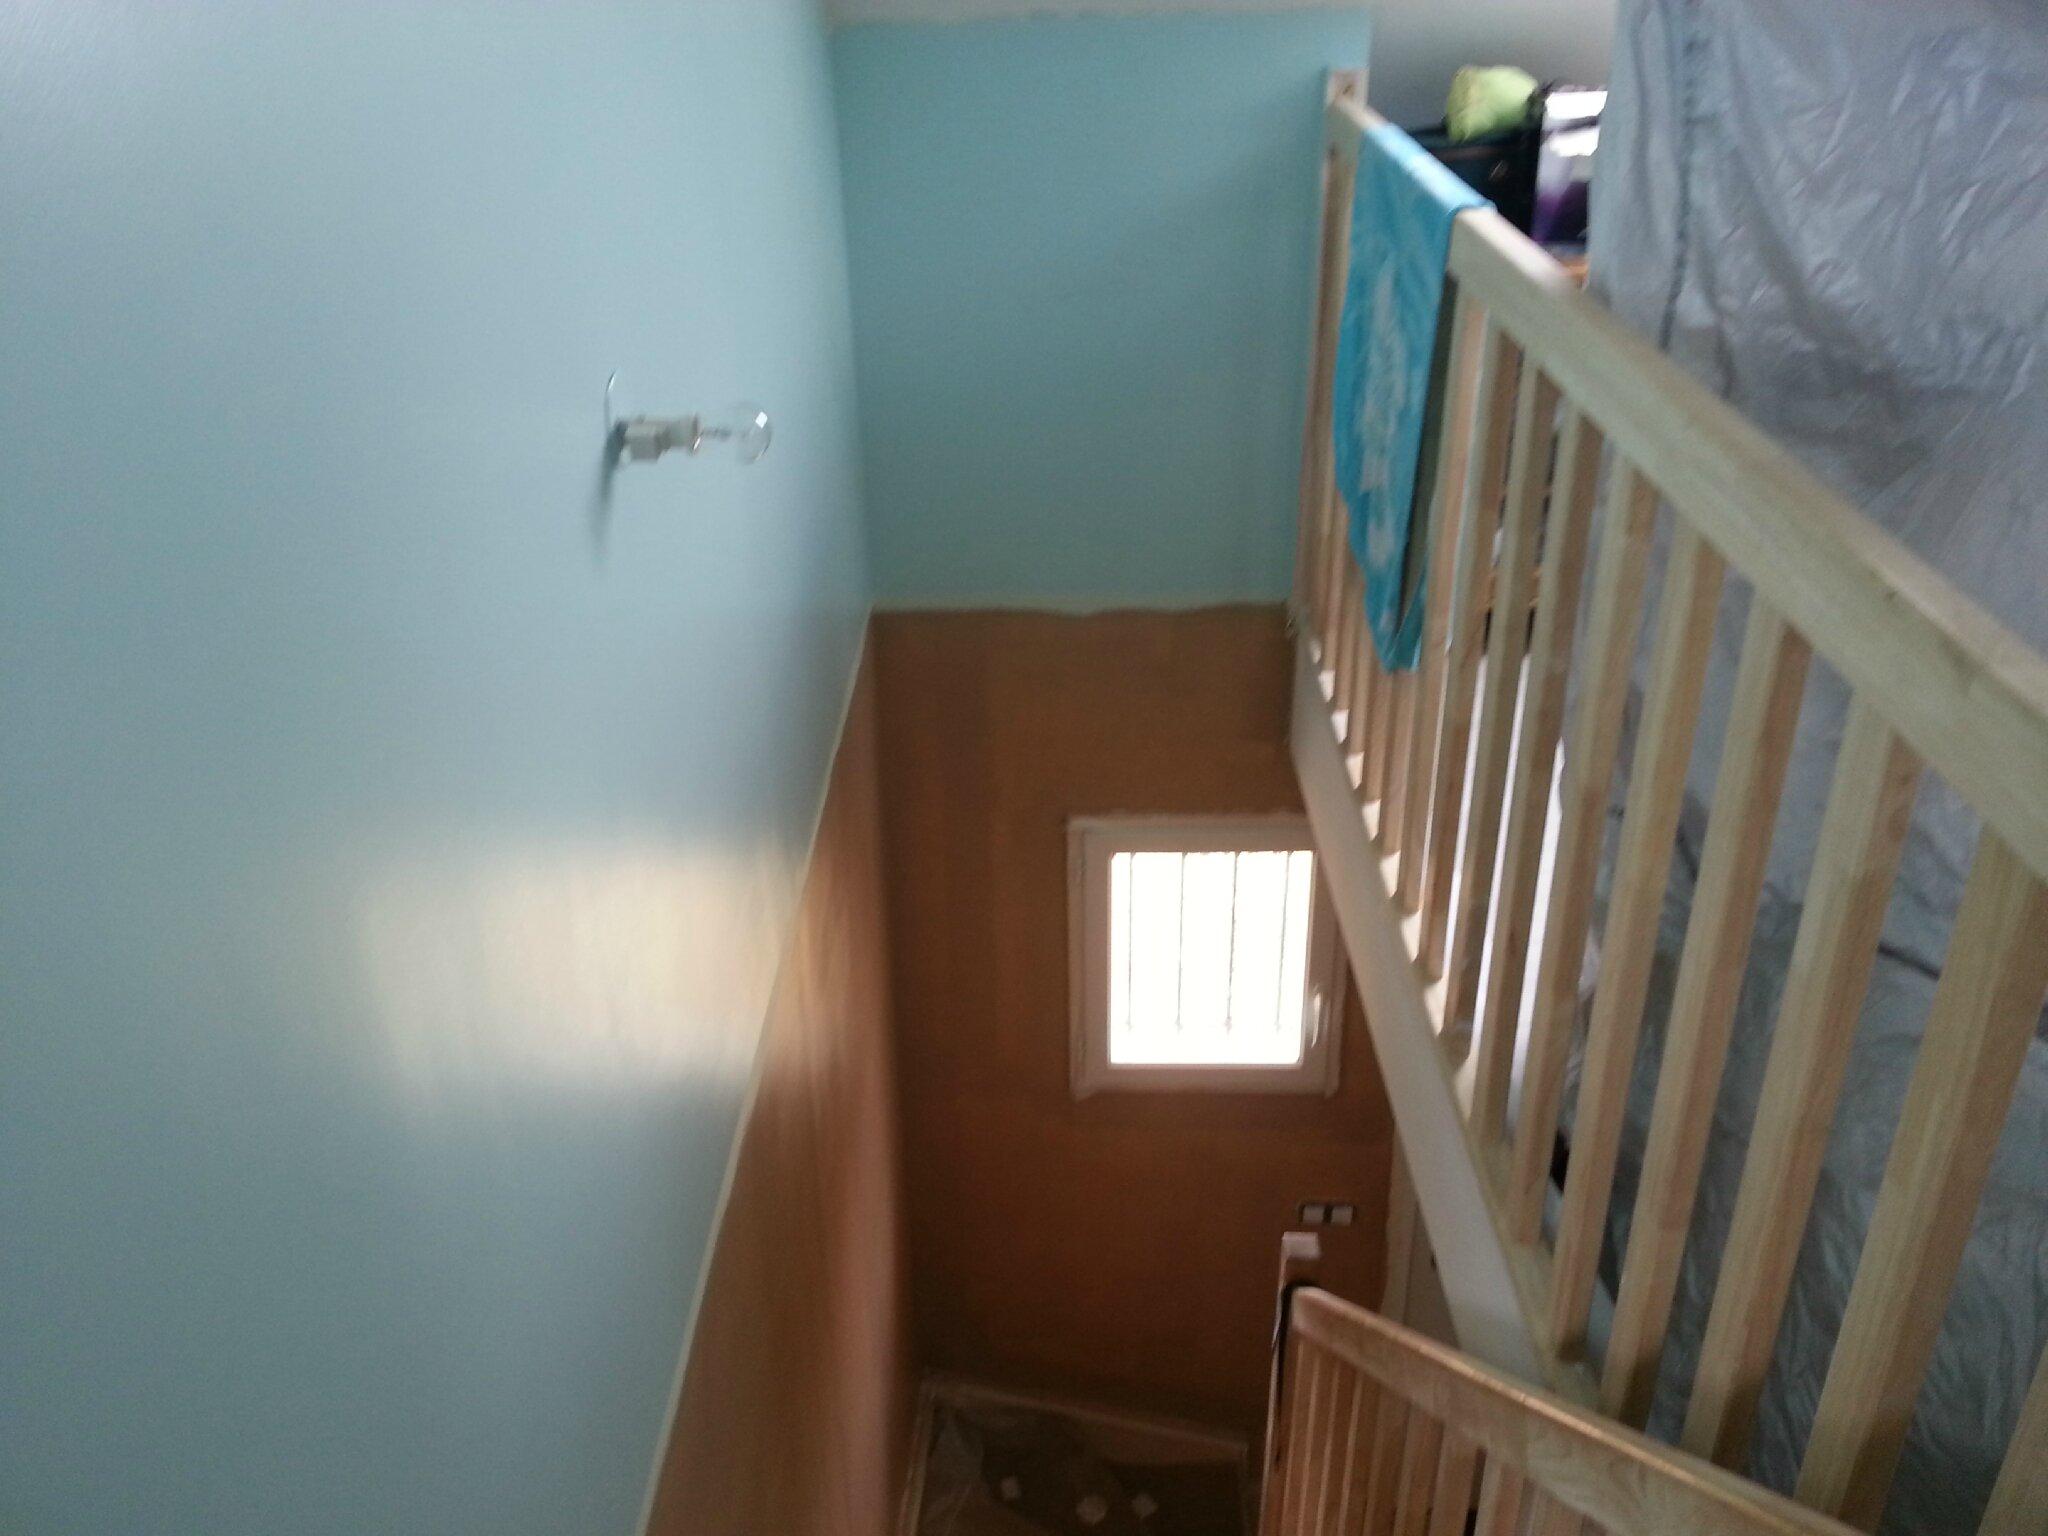 la descente d 39 escalier projet de maison ph nix equilibre dans l 39 oise. Black Bedroom Furniture Sets. Home Design Ideas